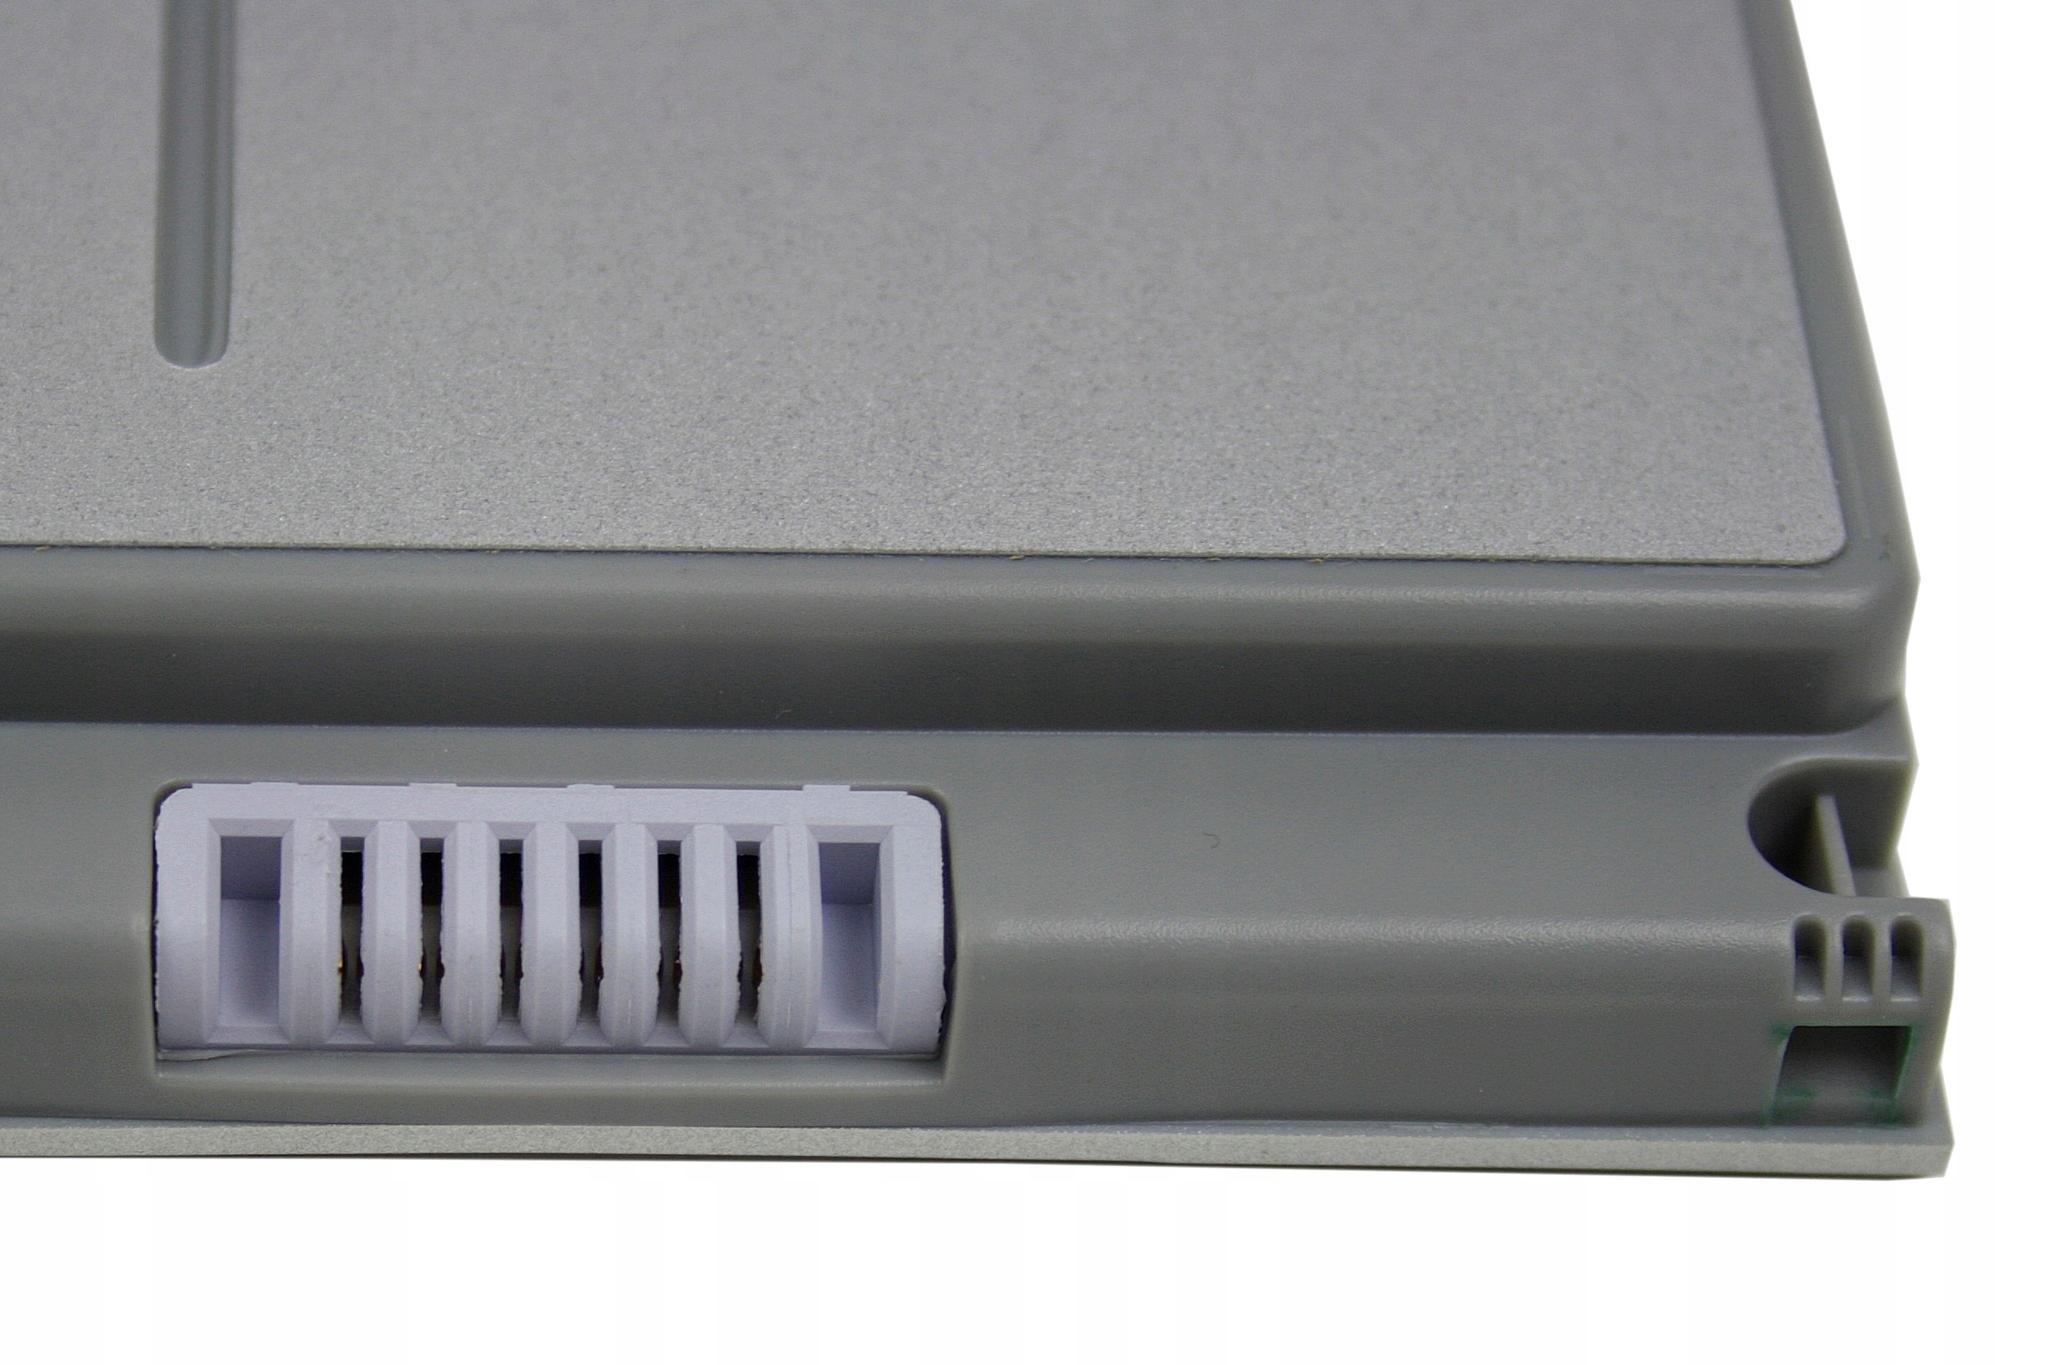 BATERIA AKUMULATOR APPLE MACBOOK PRO 17 A1151 A1189 MA458 - Baterie do laptopów